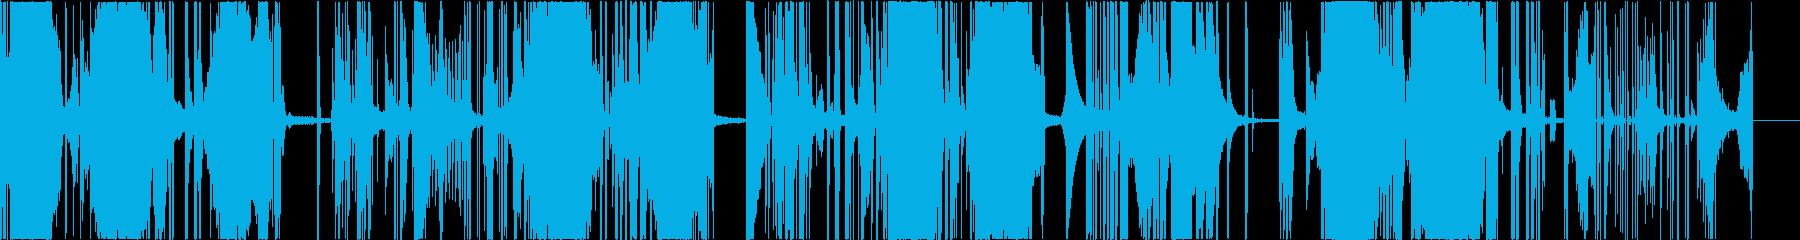 変則的なビートの再生済みの波形